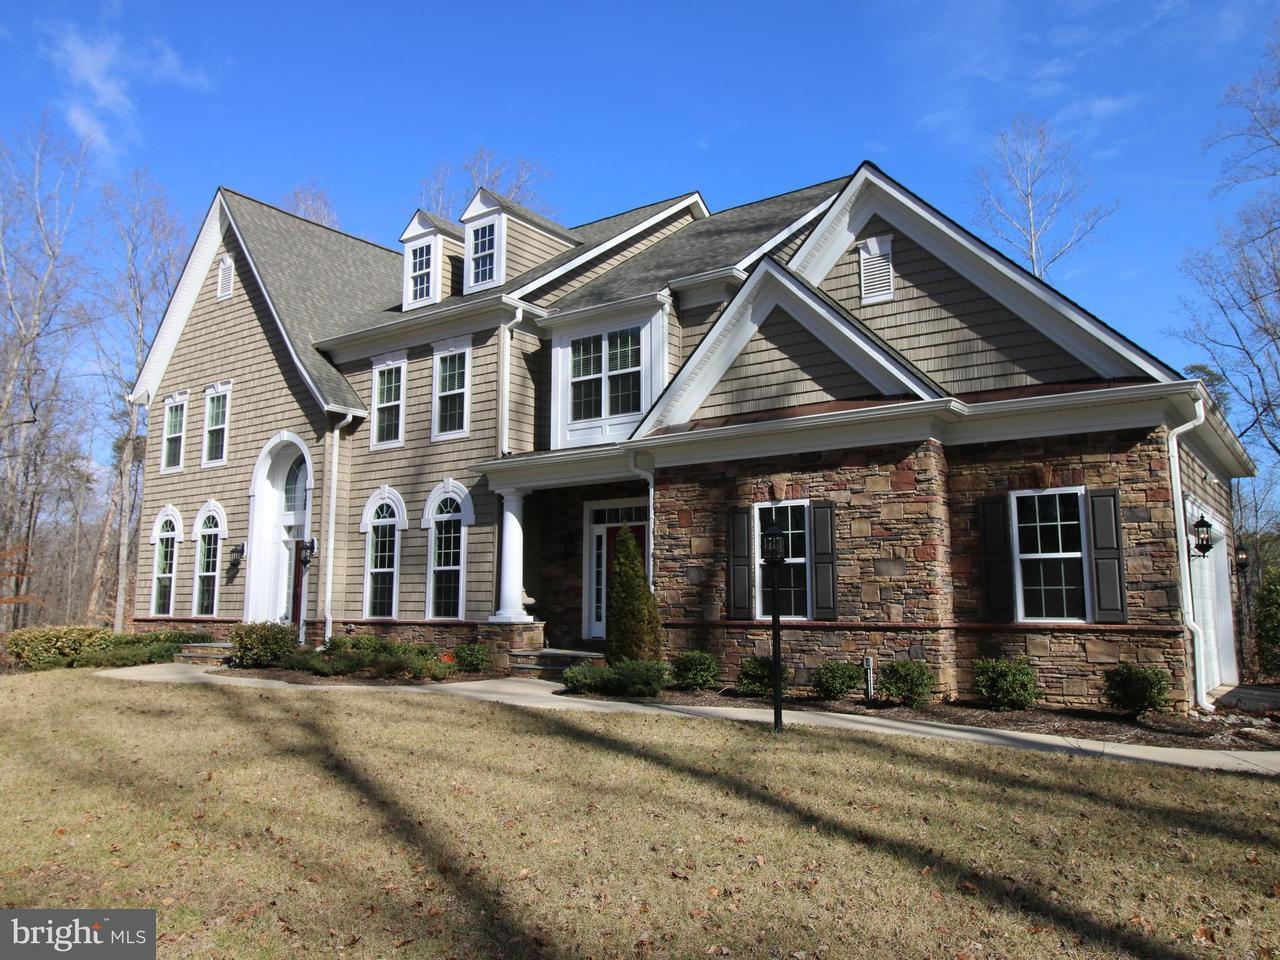 Casa Unifamiliar por un Venta en 235 Twinleaf Drive 235 Twinleaf Drive Stafford, Virginia 22556 Estados Unidos